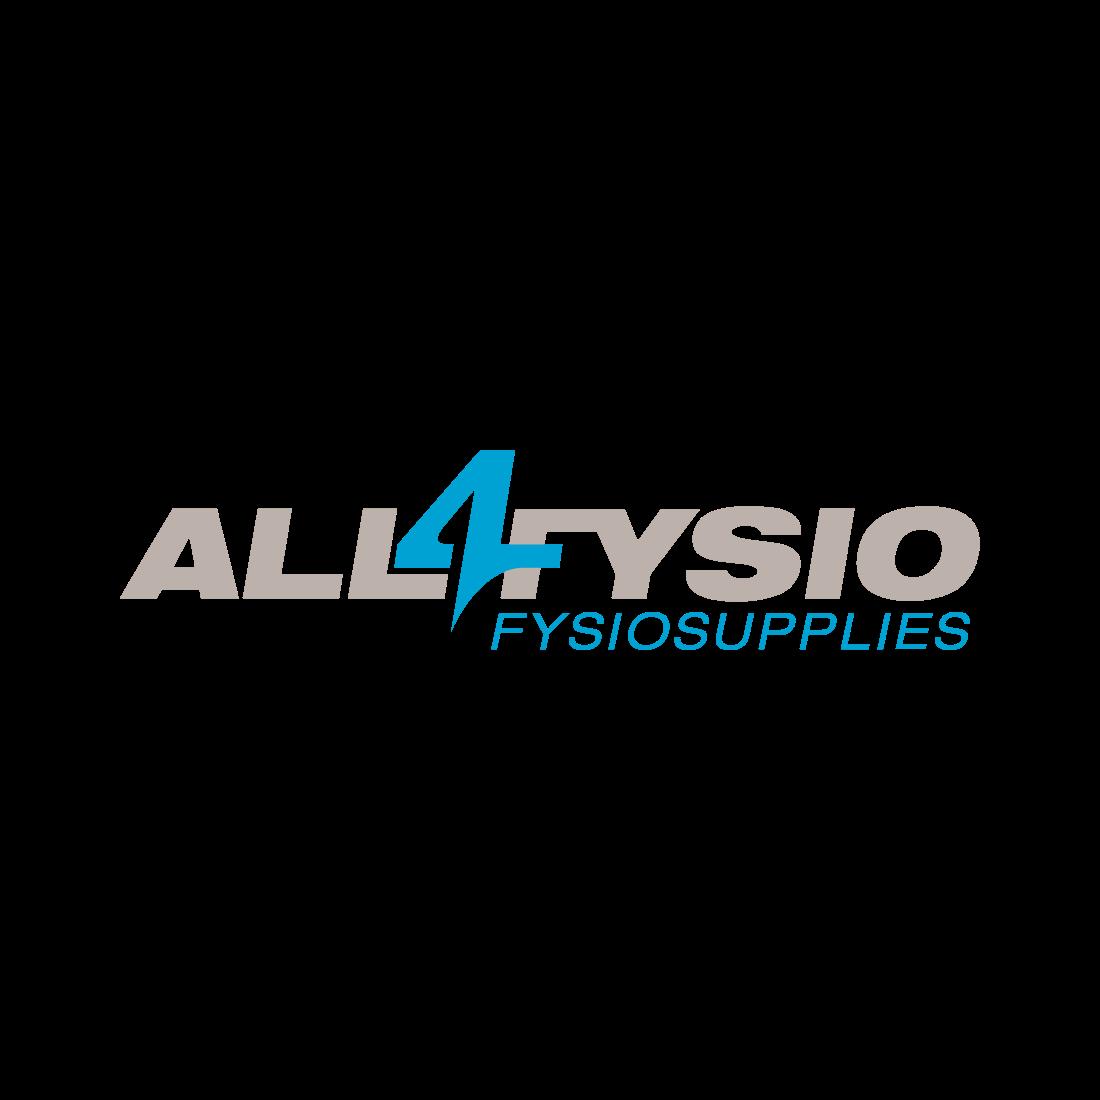 Herzog PRO Compressiekousen Zwart-Maat 6-Extra lang been: 46,1 - 52 cm-Extra grote voet: 45 - 48